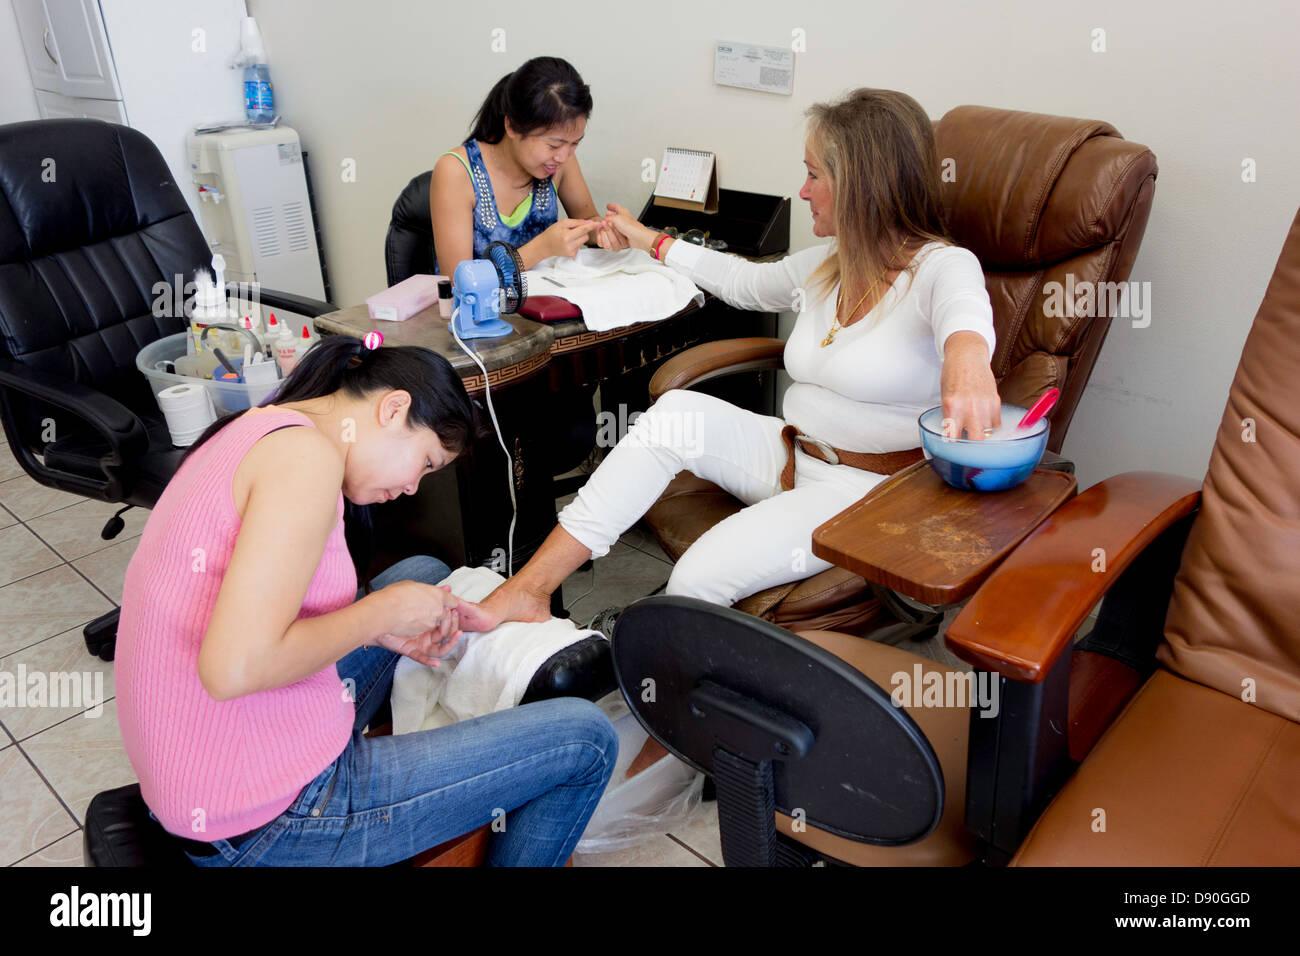 Mujer estadounidense obtiene la manicura y pedicura en propiedad vietnamita salón de uñas en Los Ángeles, el sur Foto de stock